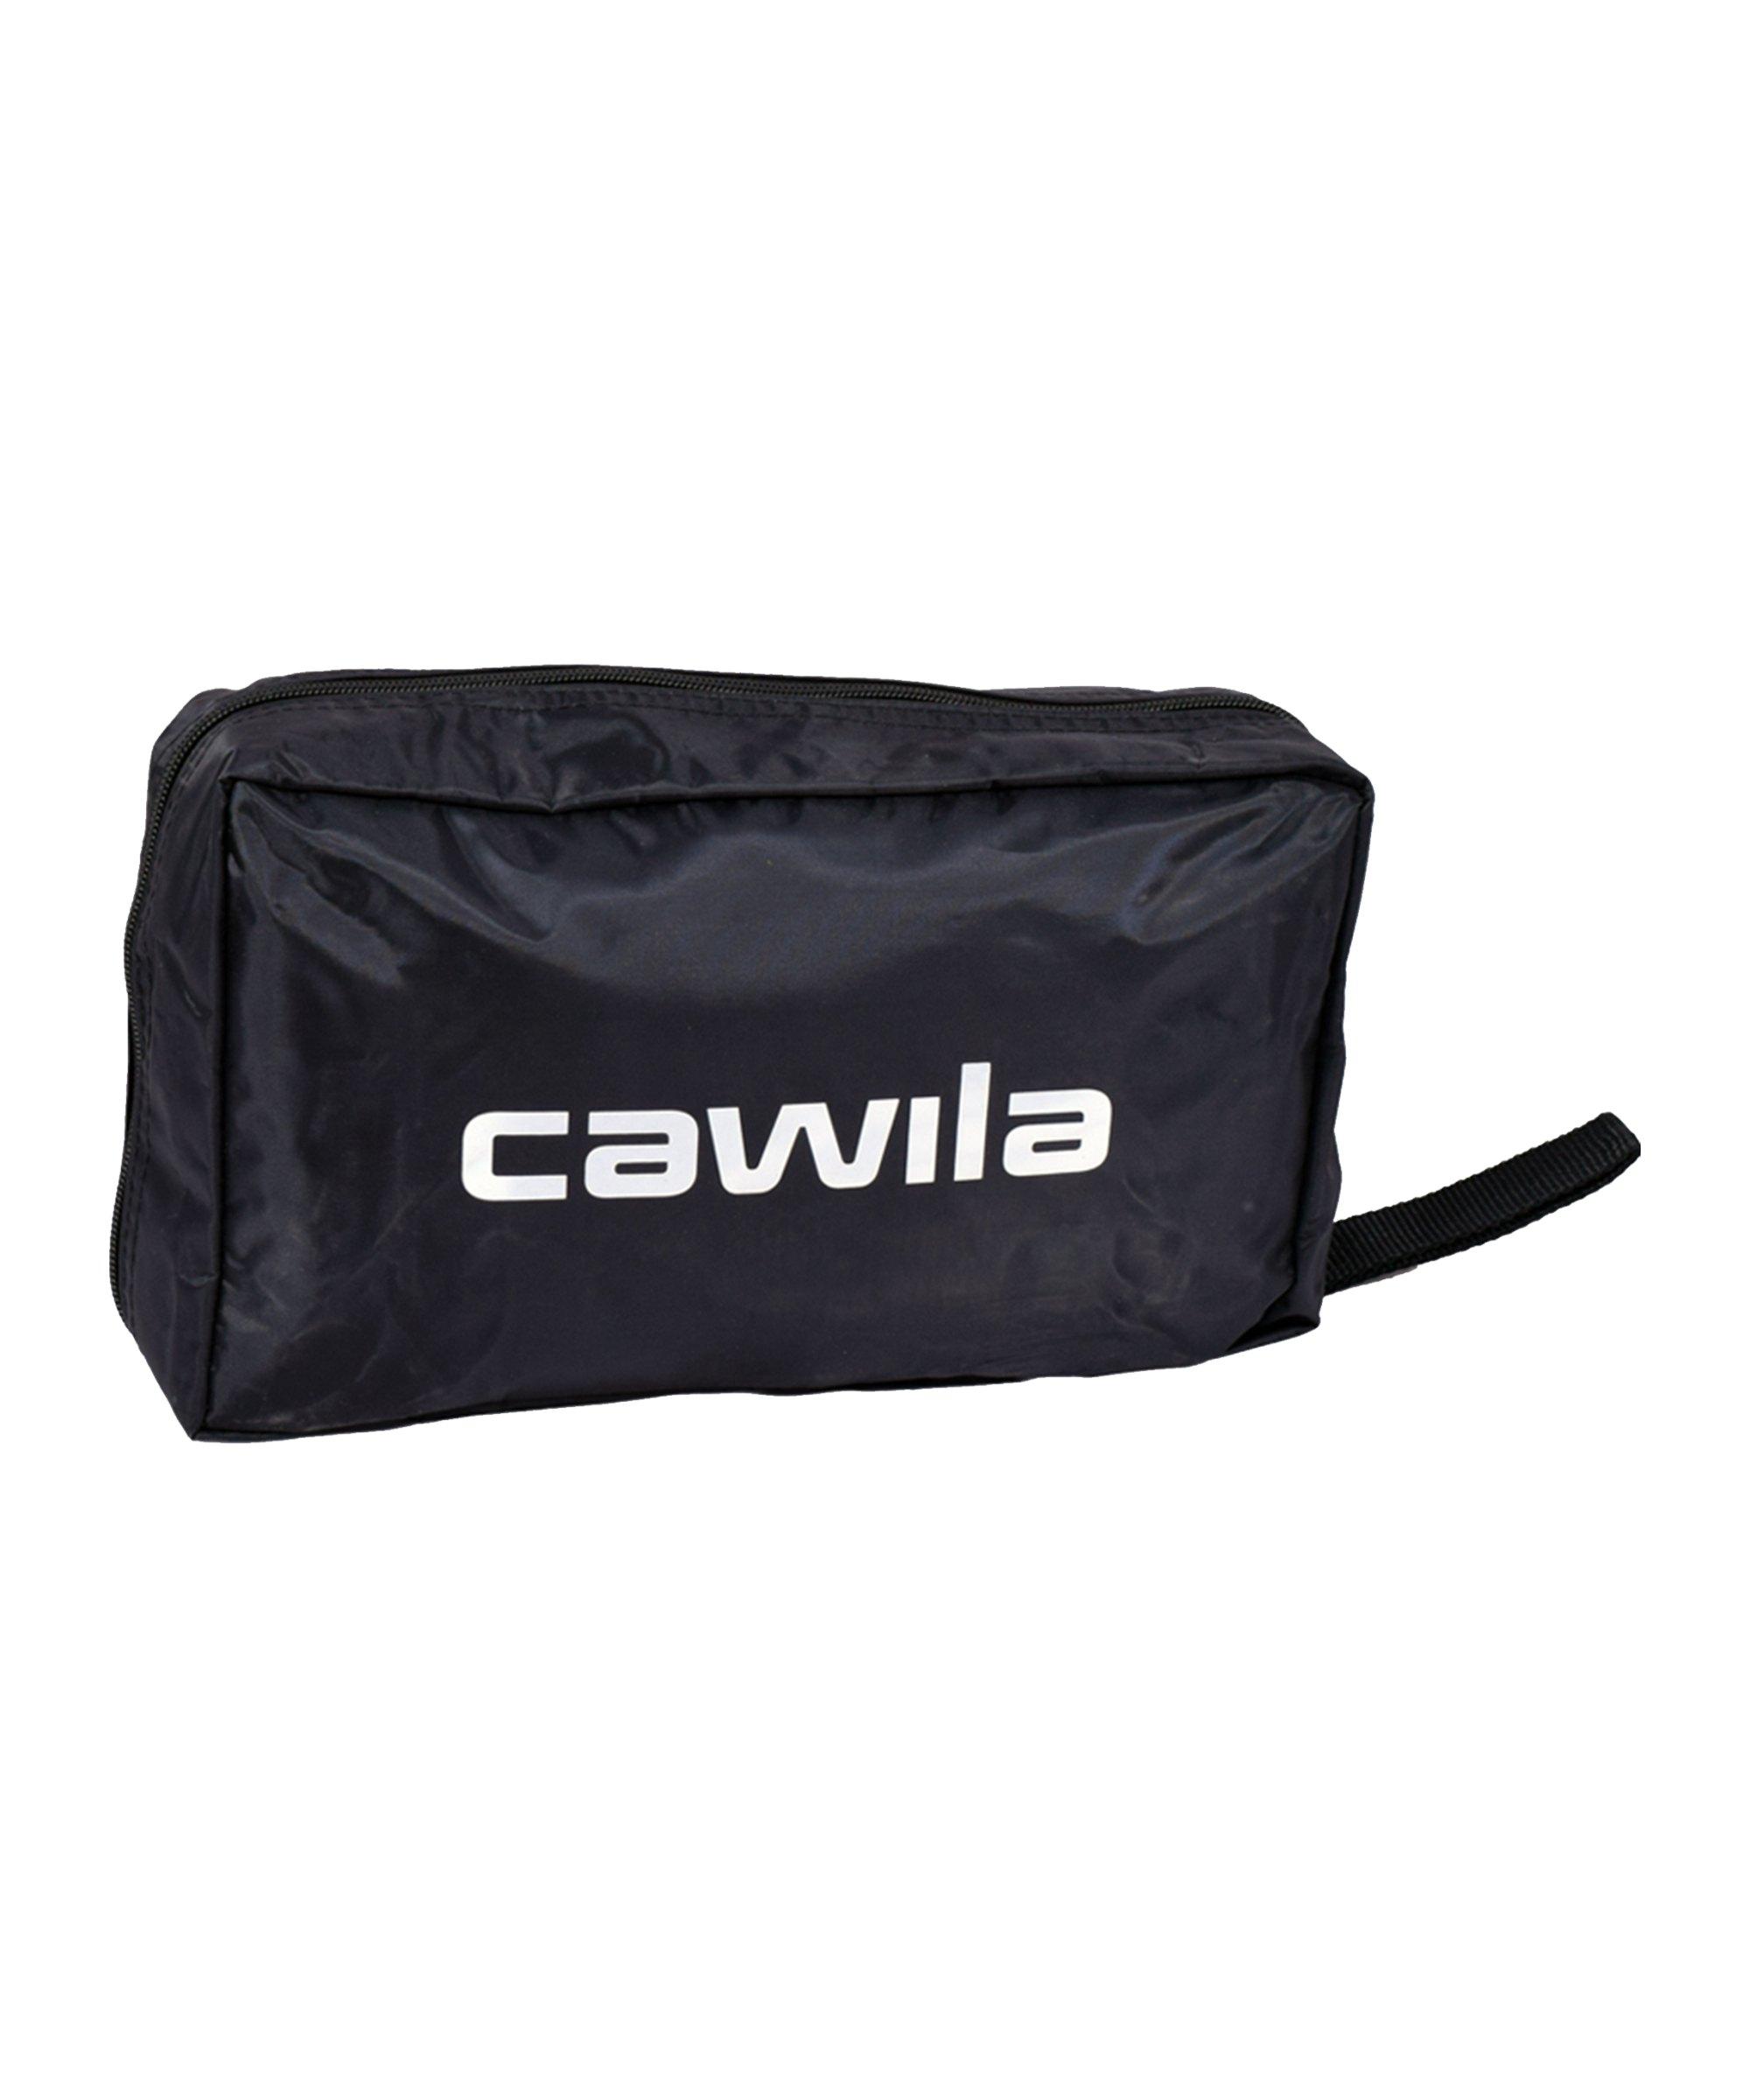 Cawila Sanitätstasche S 280 x 160 x 90mm Schwarz - schwarz